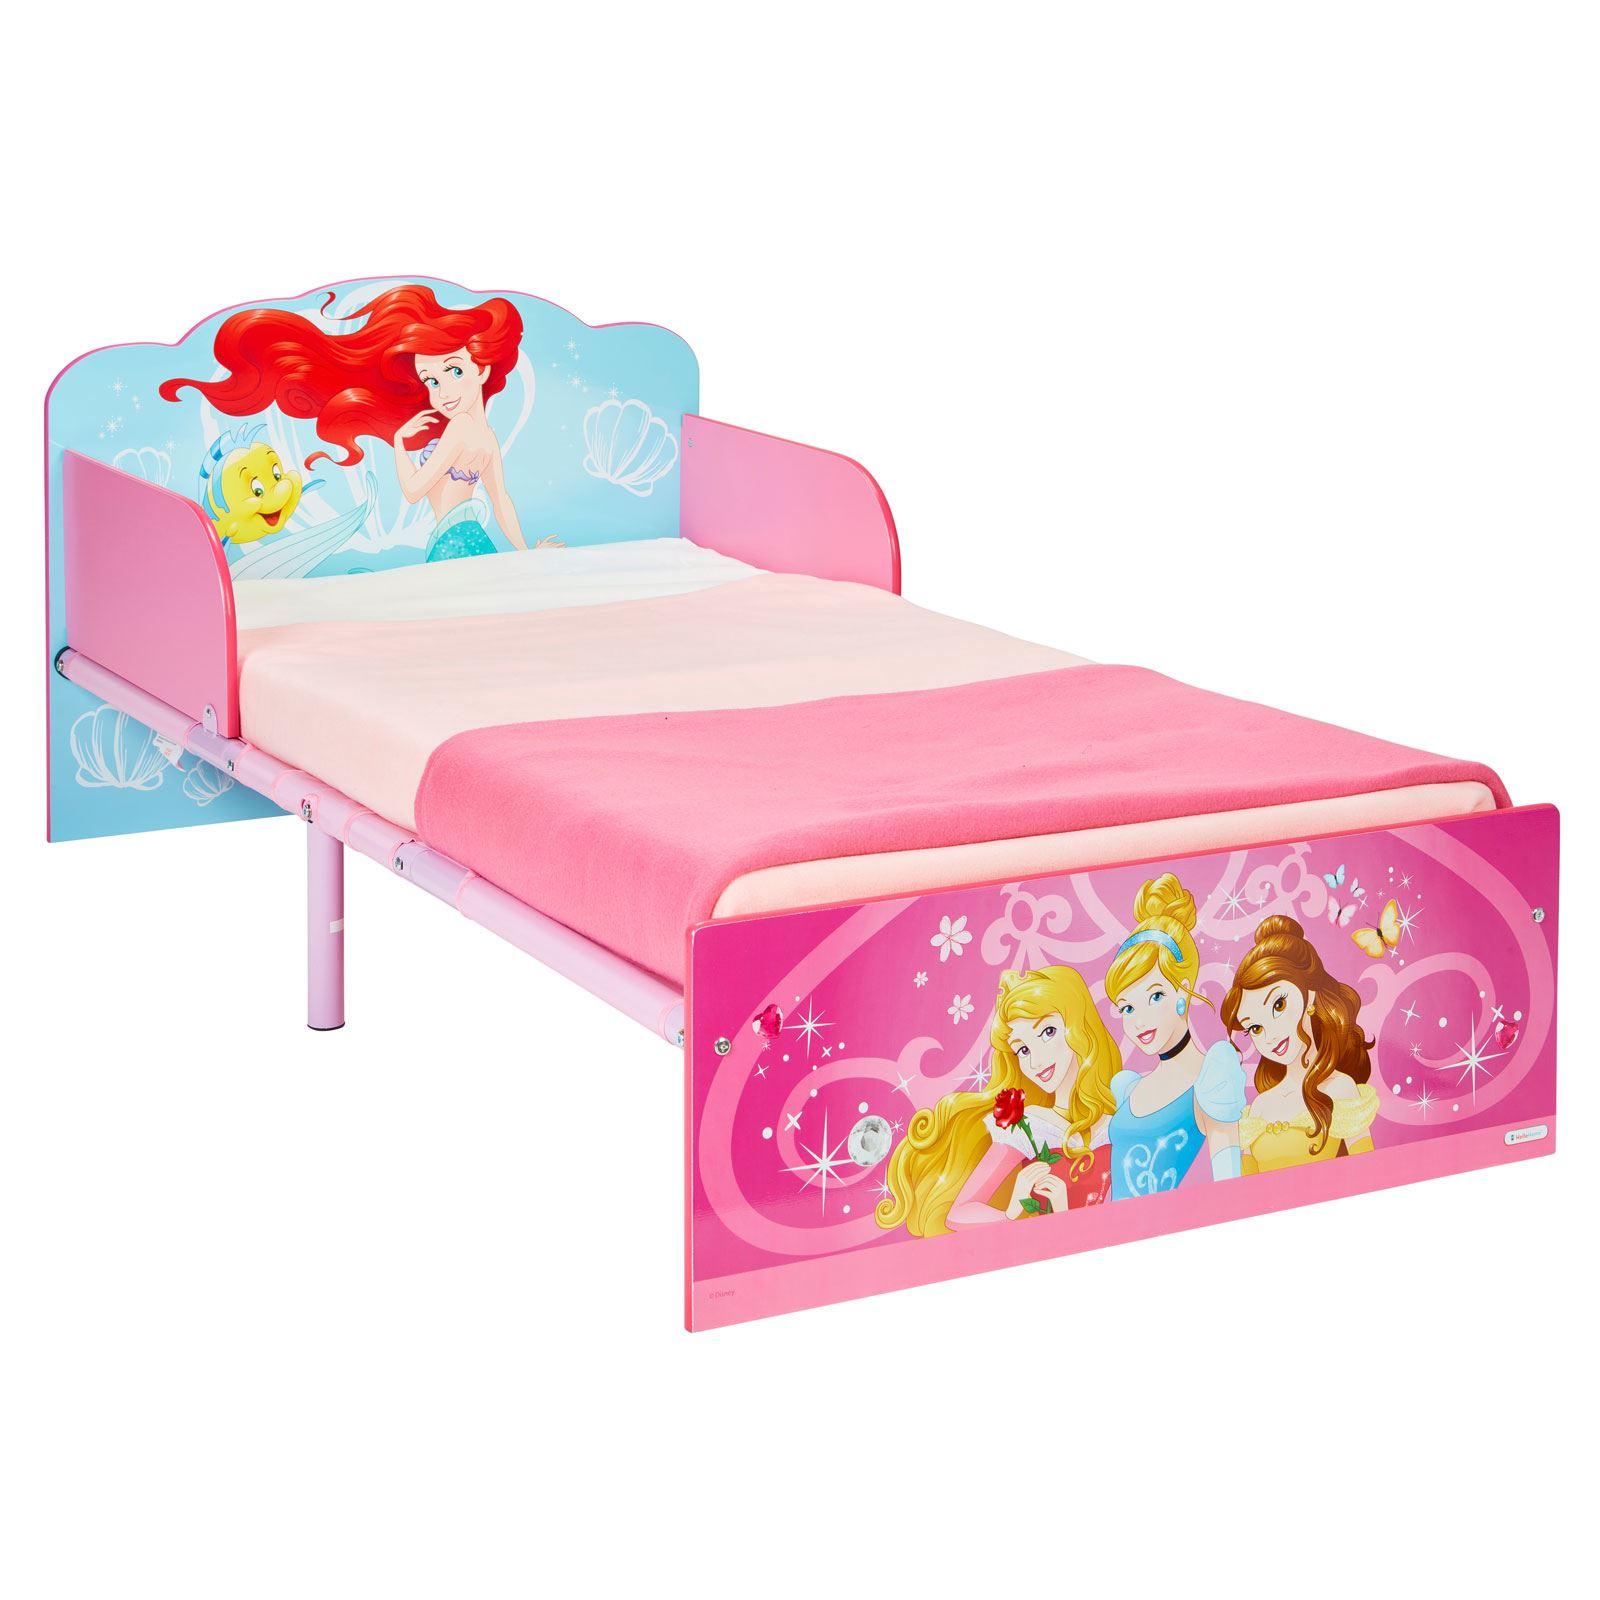 Détails sur Disney princess Bébé Lit Junior Enfants Filles Chambre -  Matelas Options